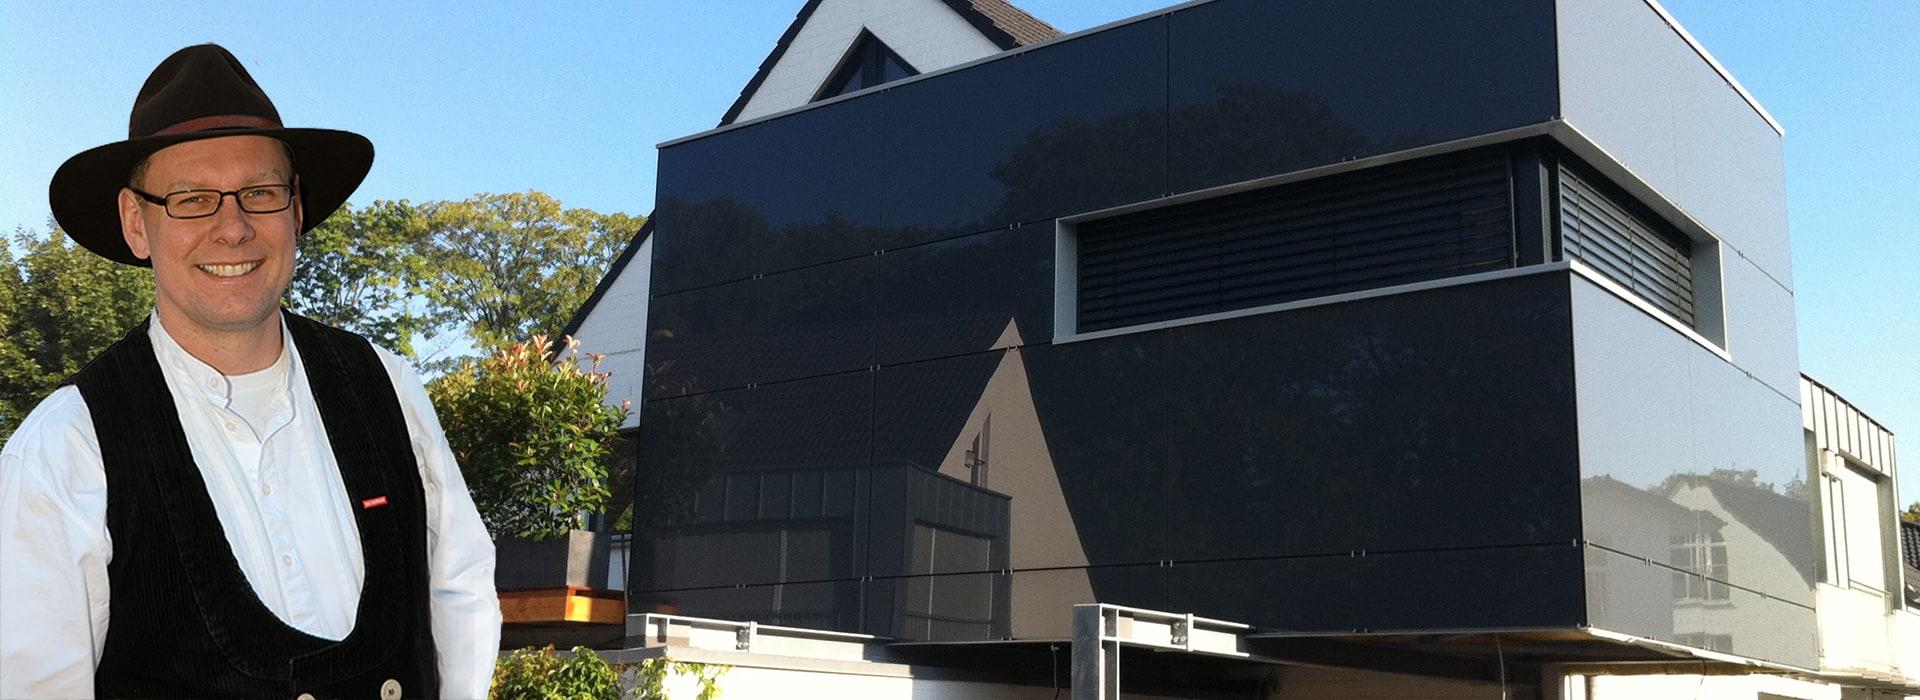 Modernes Haus mit Herrn Pitzer von der Zimmerei Pitzer im Vordergrund